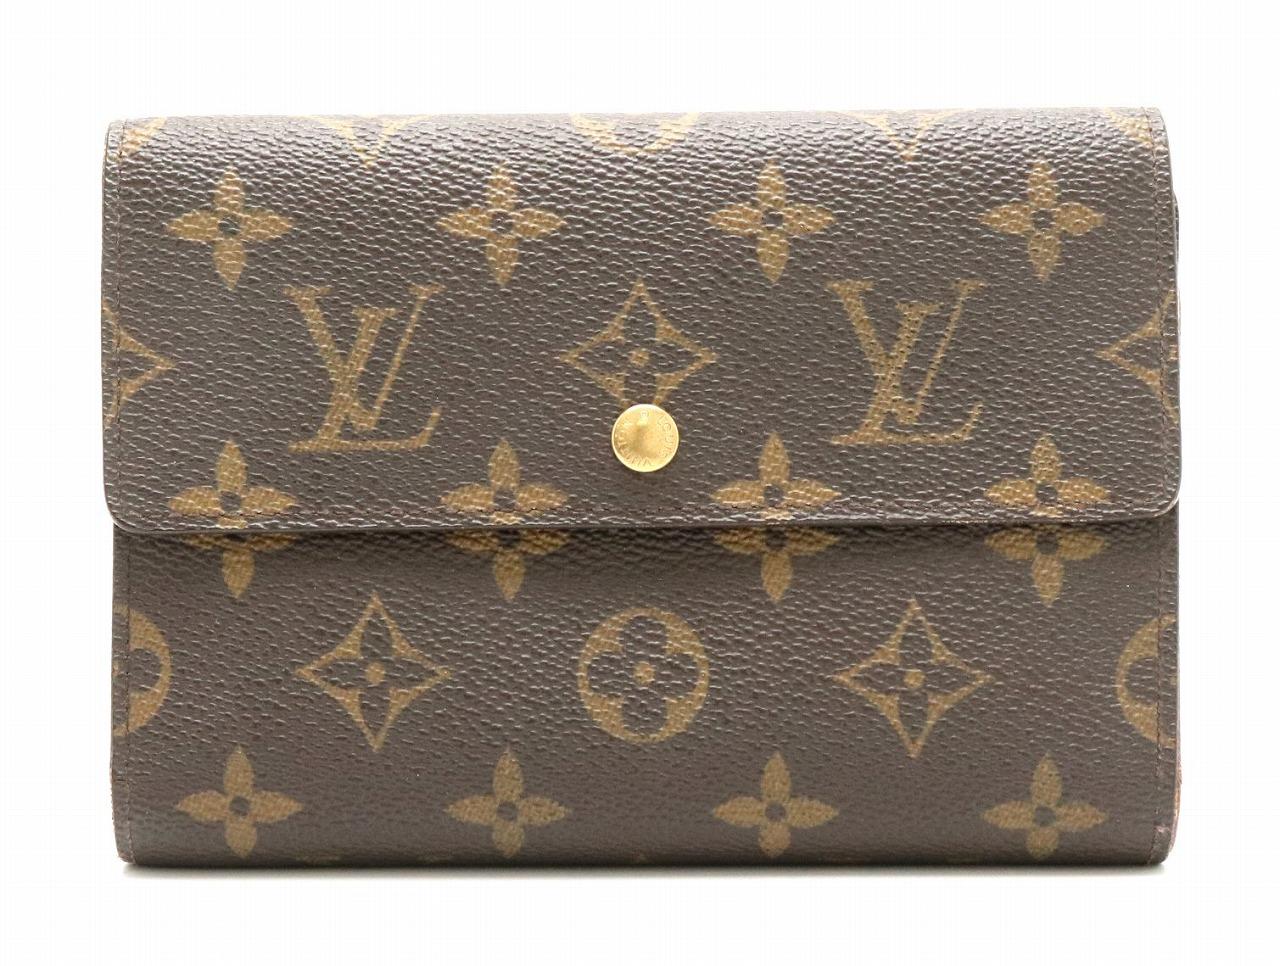 【財布】LOUIS VUITTON ルイ ヴィトン モノグラム ポルトトレゾール エテュイ パピエ 3つ折財布 証明書ケースなし M61202 【中古】【k】